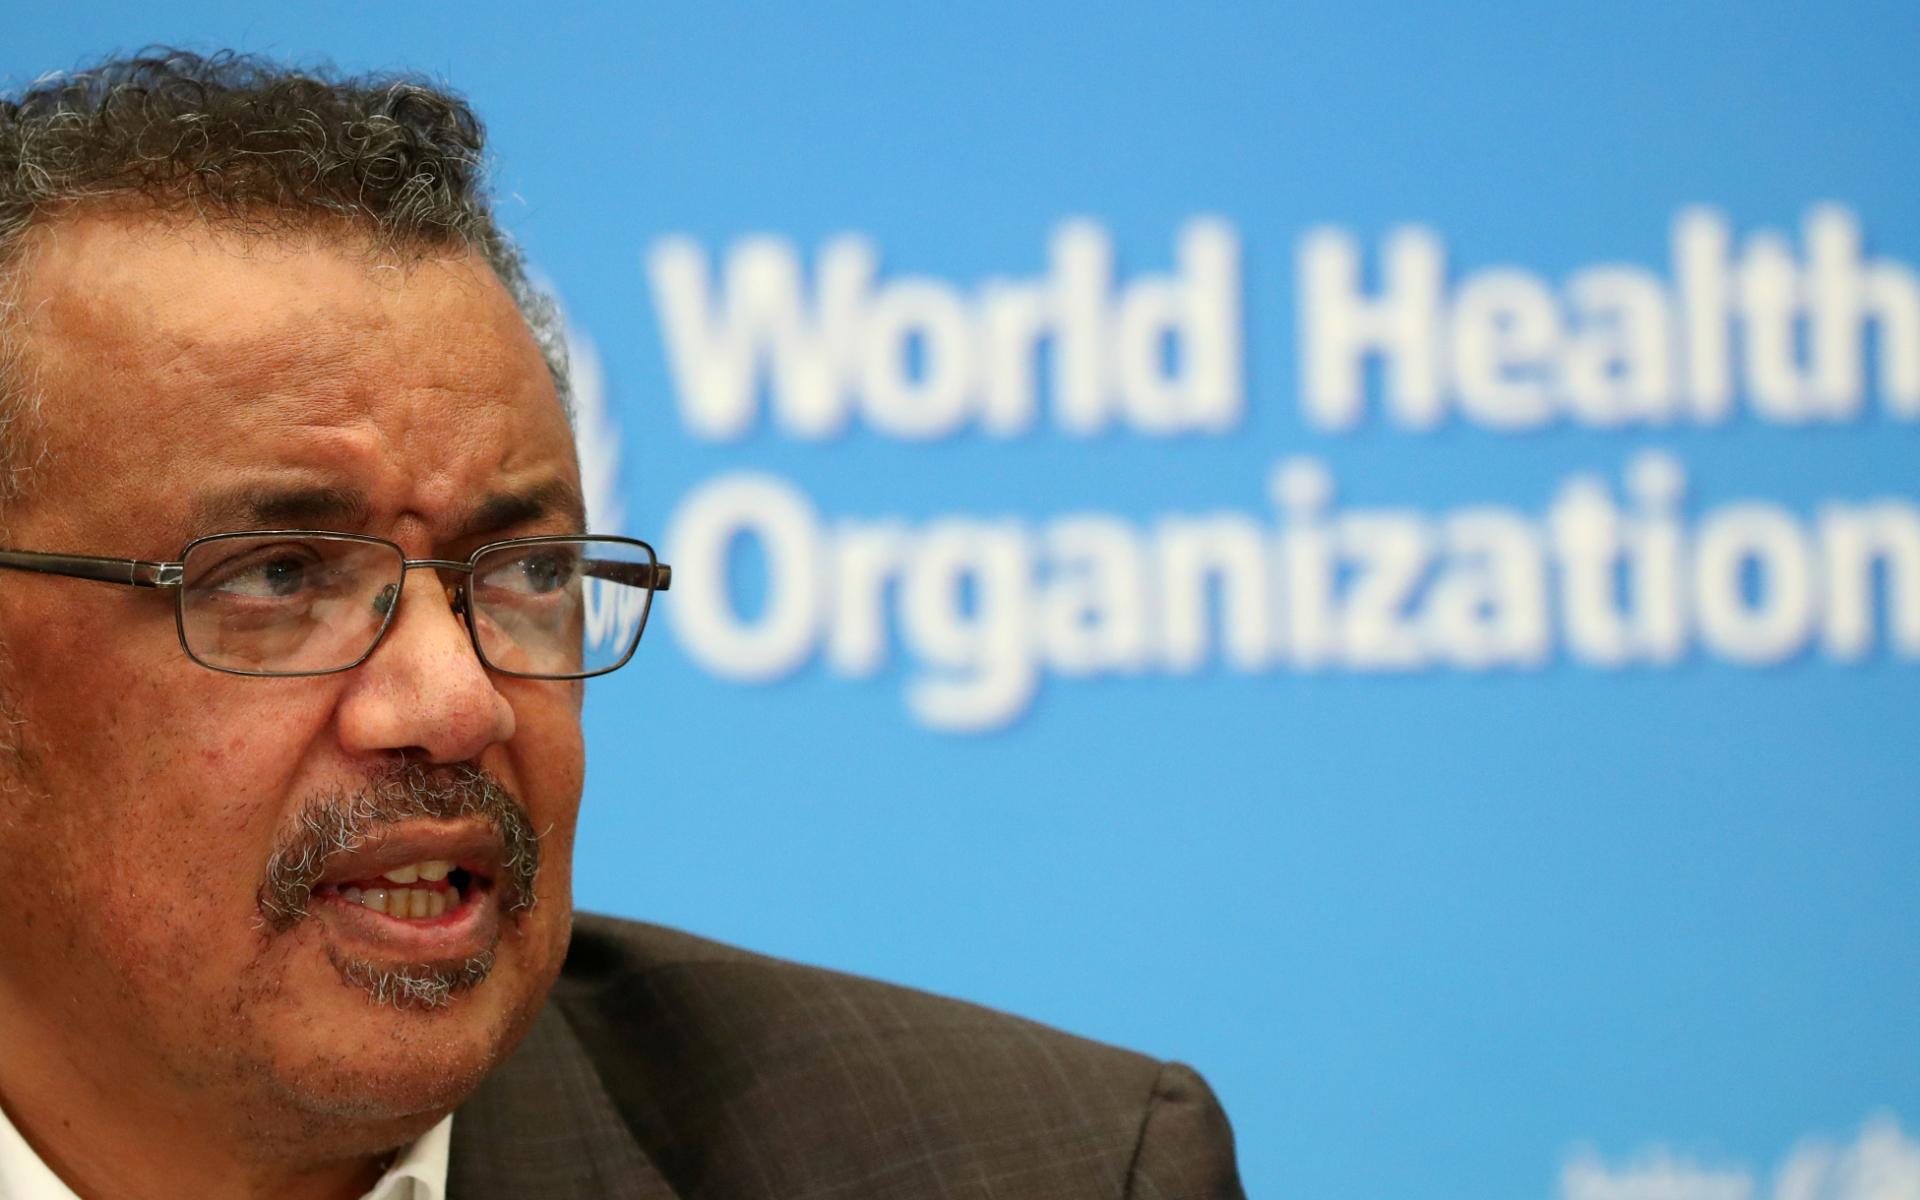 Diretor-geral da OMS, Tedros Adhanom, pediu uso de máscara como 'símbolo de sol